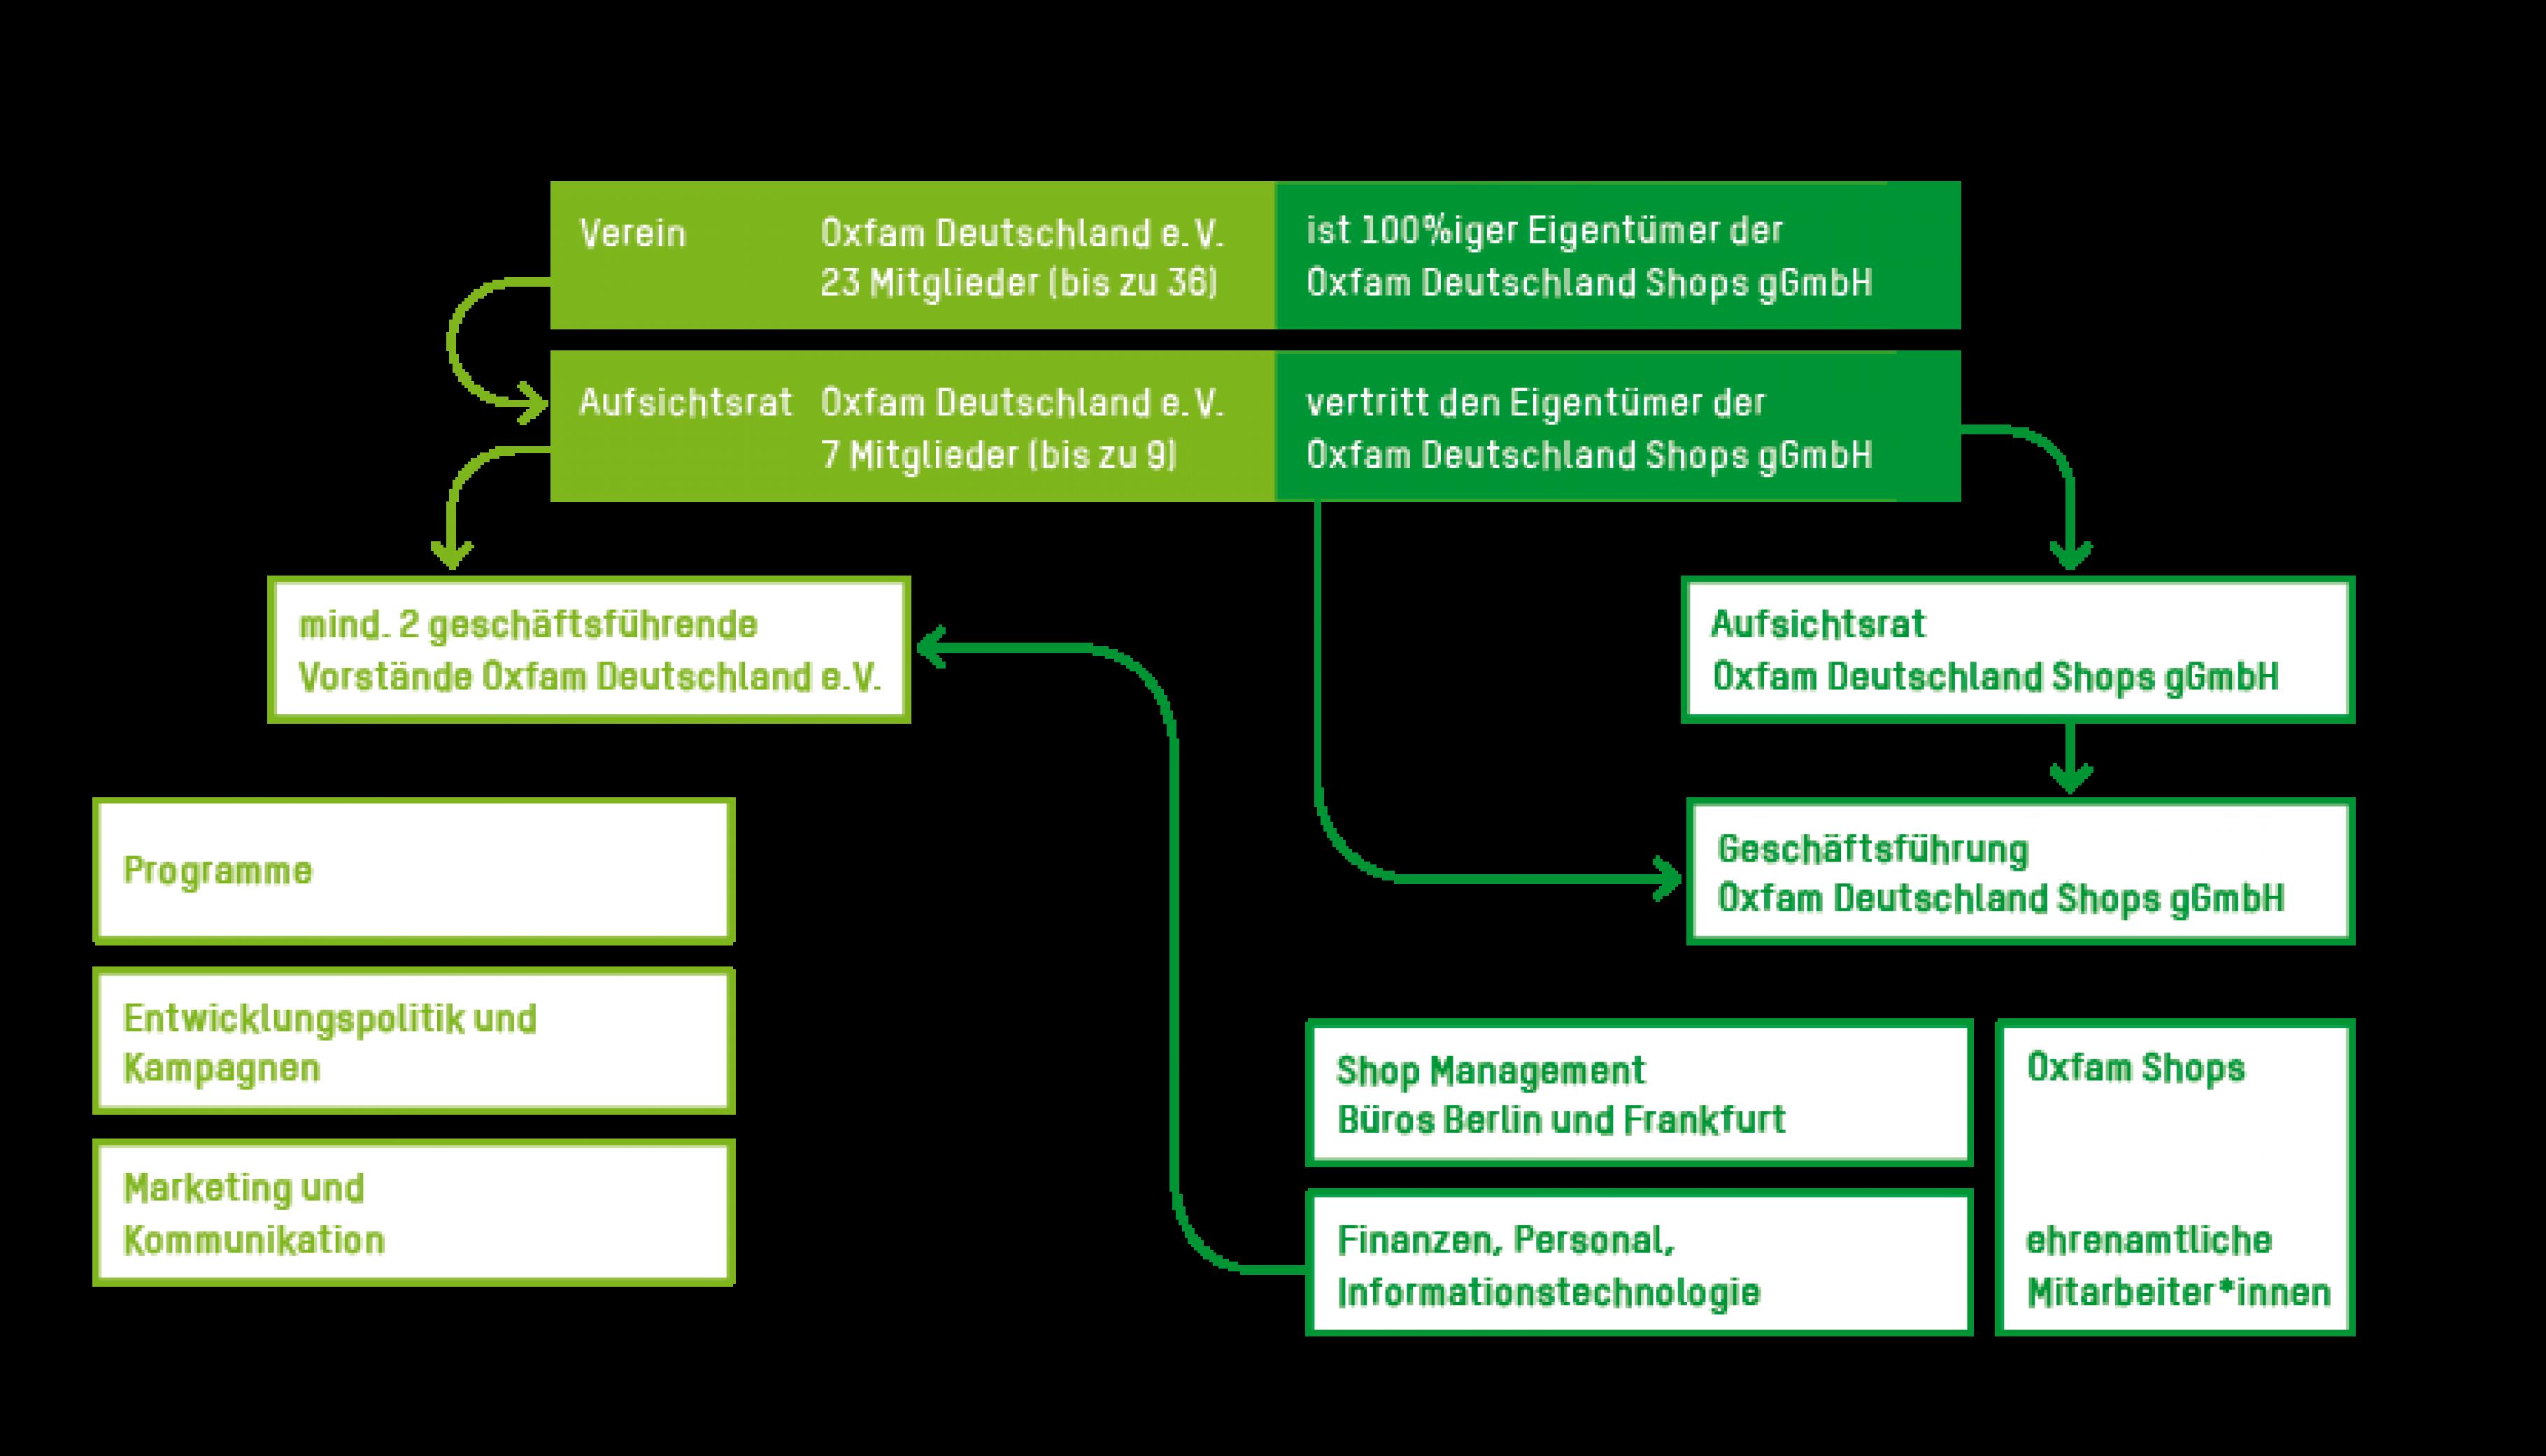 Struktur Oxfam Deutschland | Stand September 2019